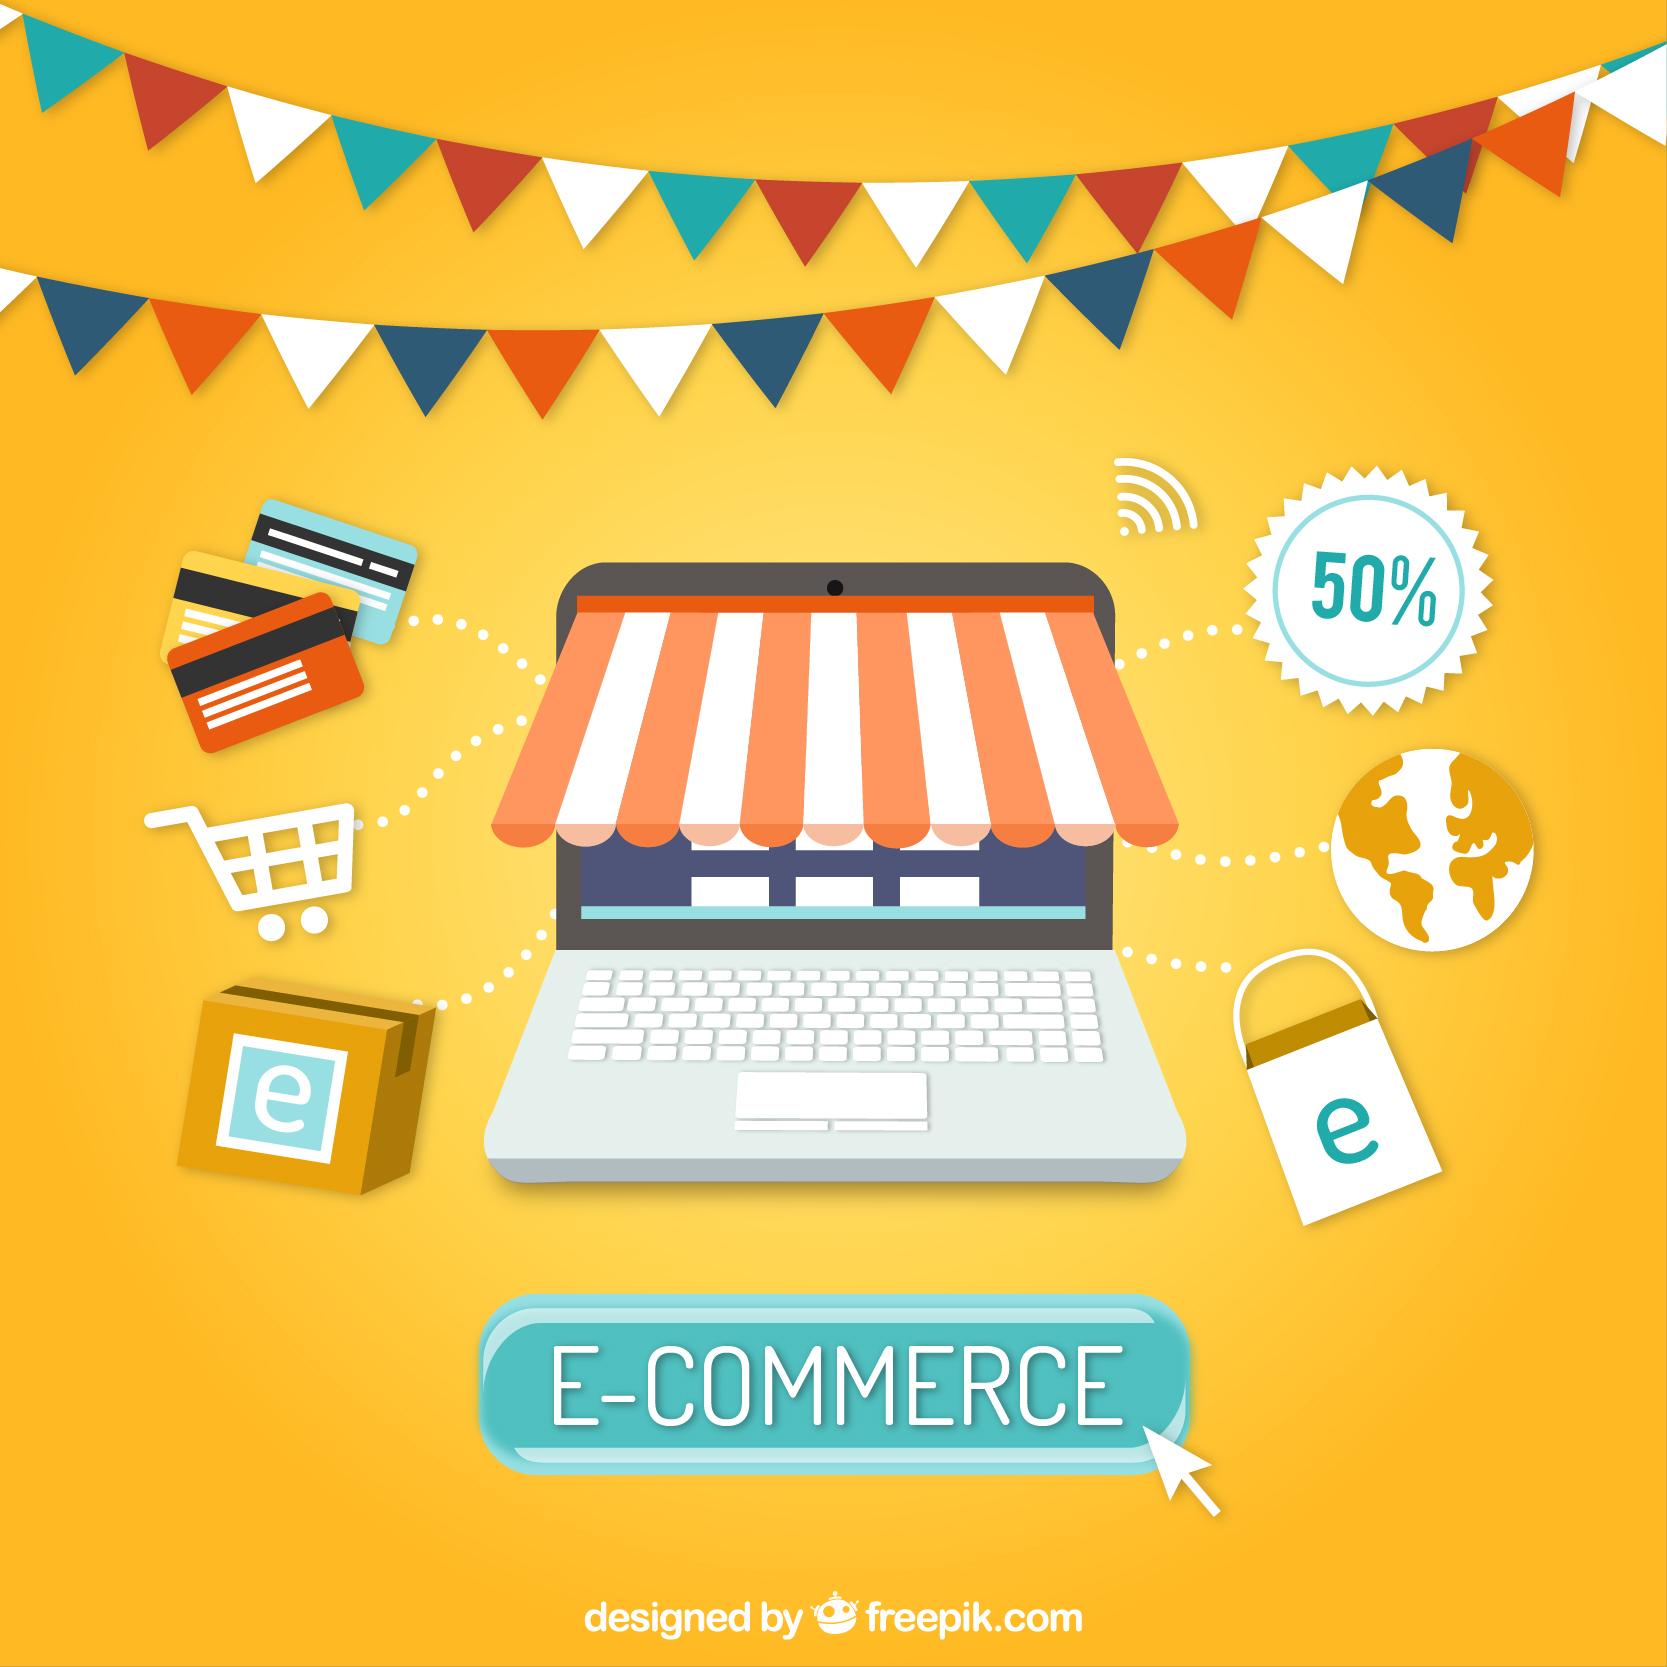 ecommerc|creamos tu tienda online